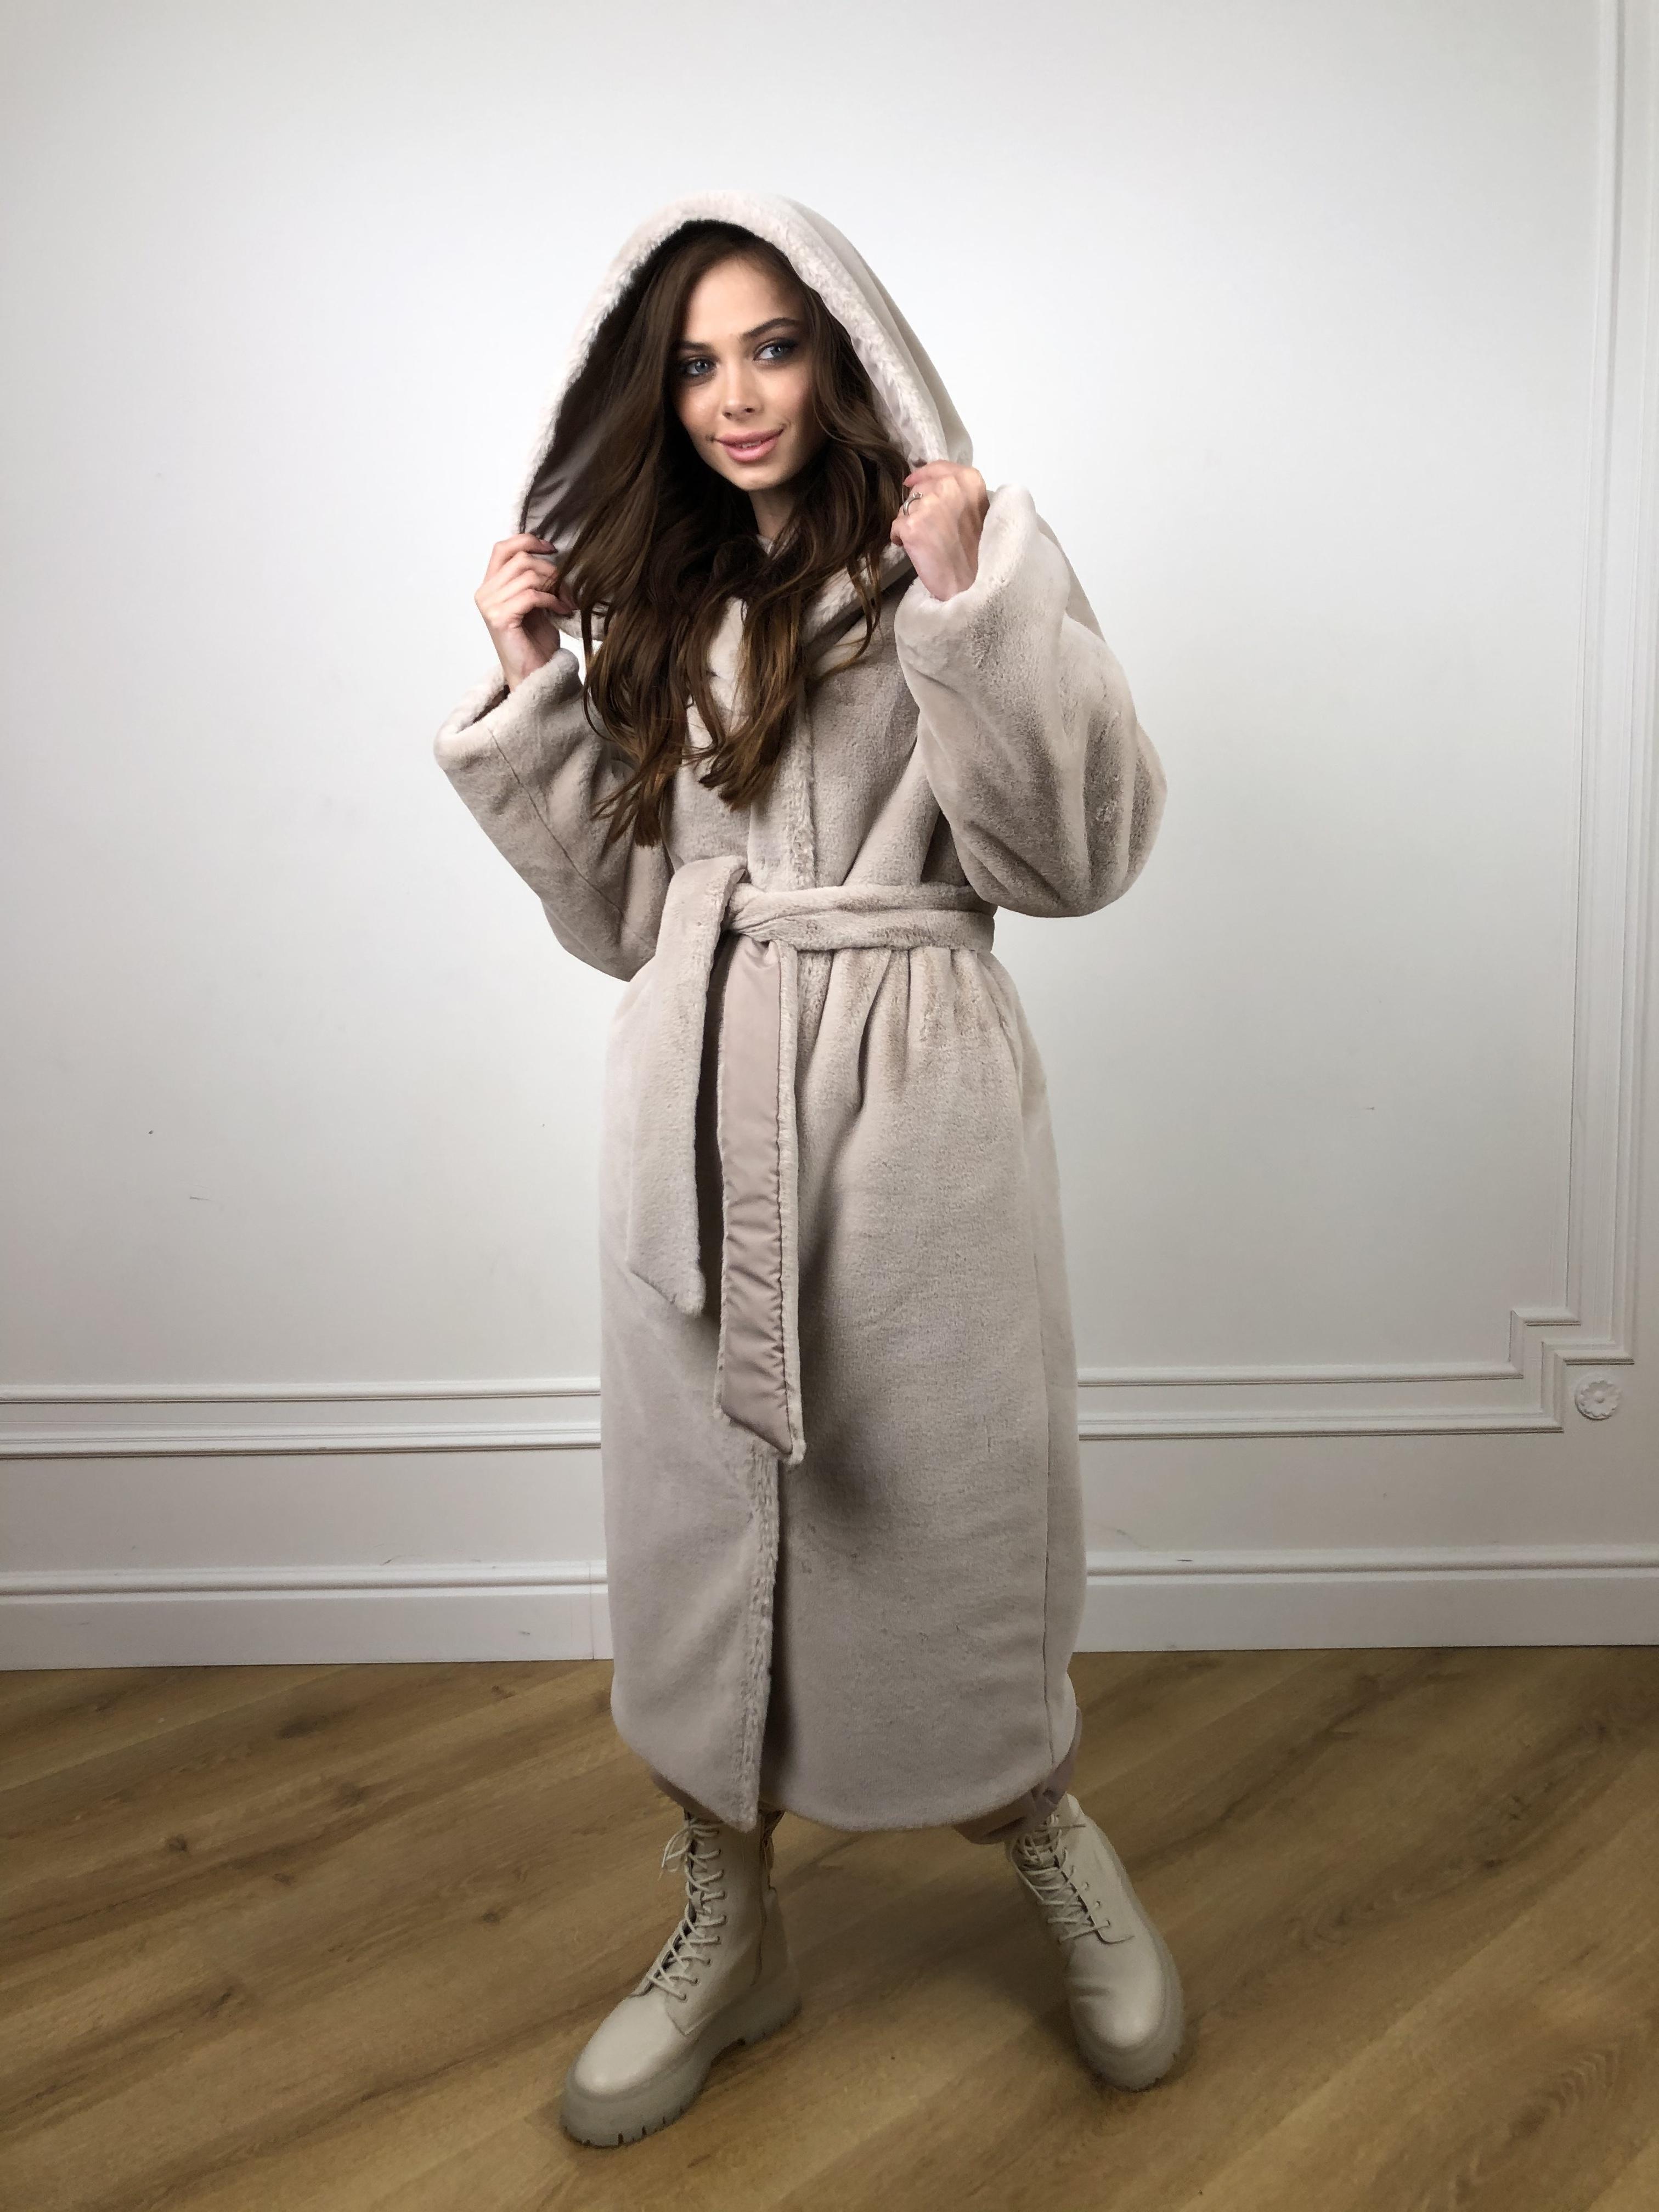 Сноу мех искуственный кролик   плащевка Канада зима пальто 10346 АРТ. 46646 Цвет: Св.серый/Кофе - фото 5, интернет магазин tm-modus.ru